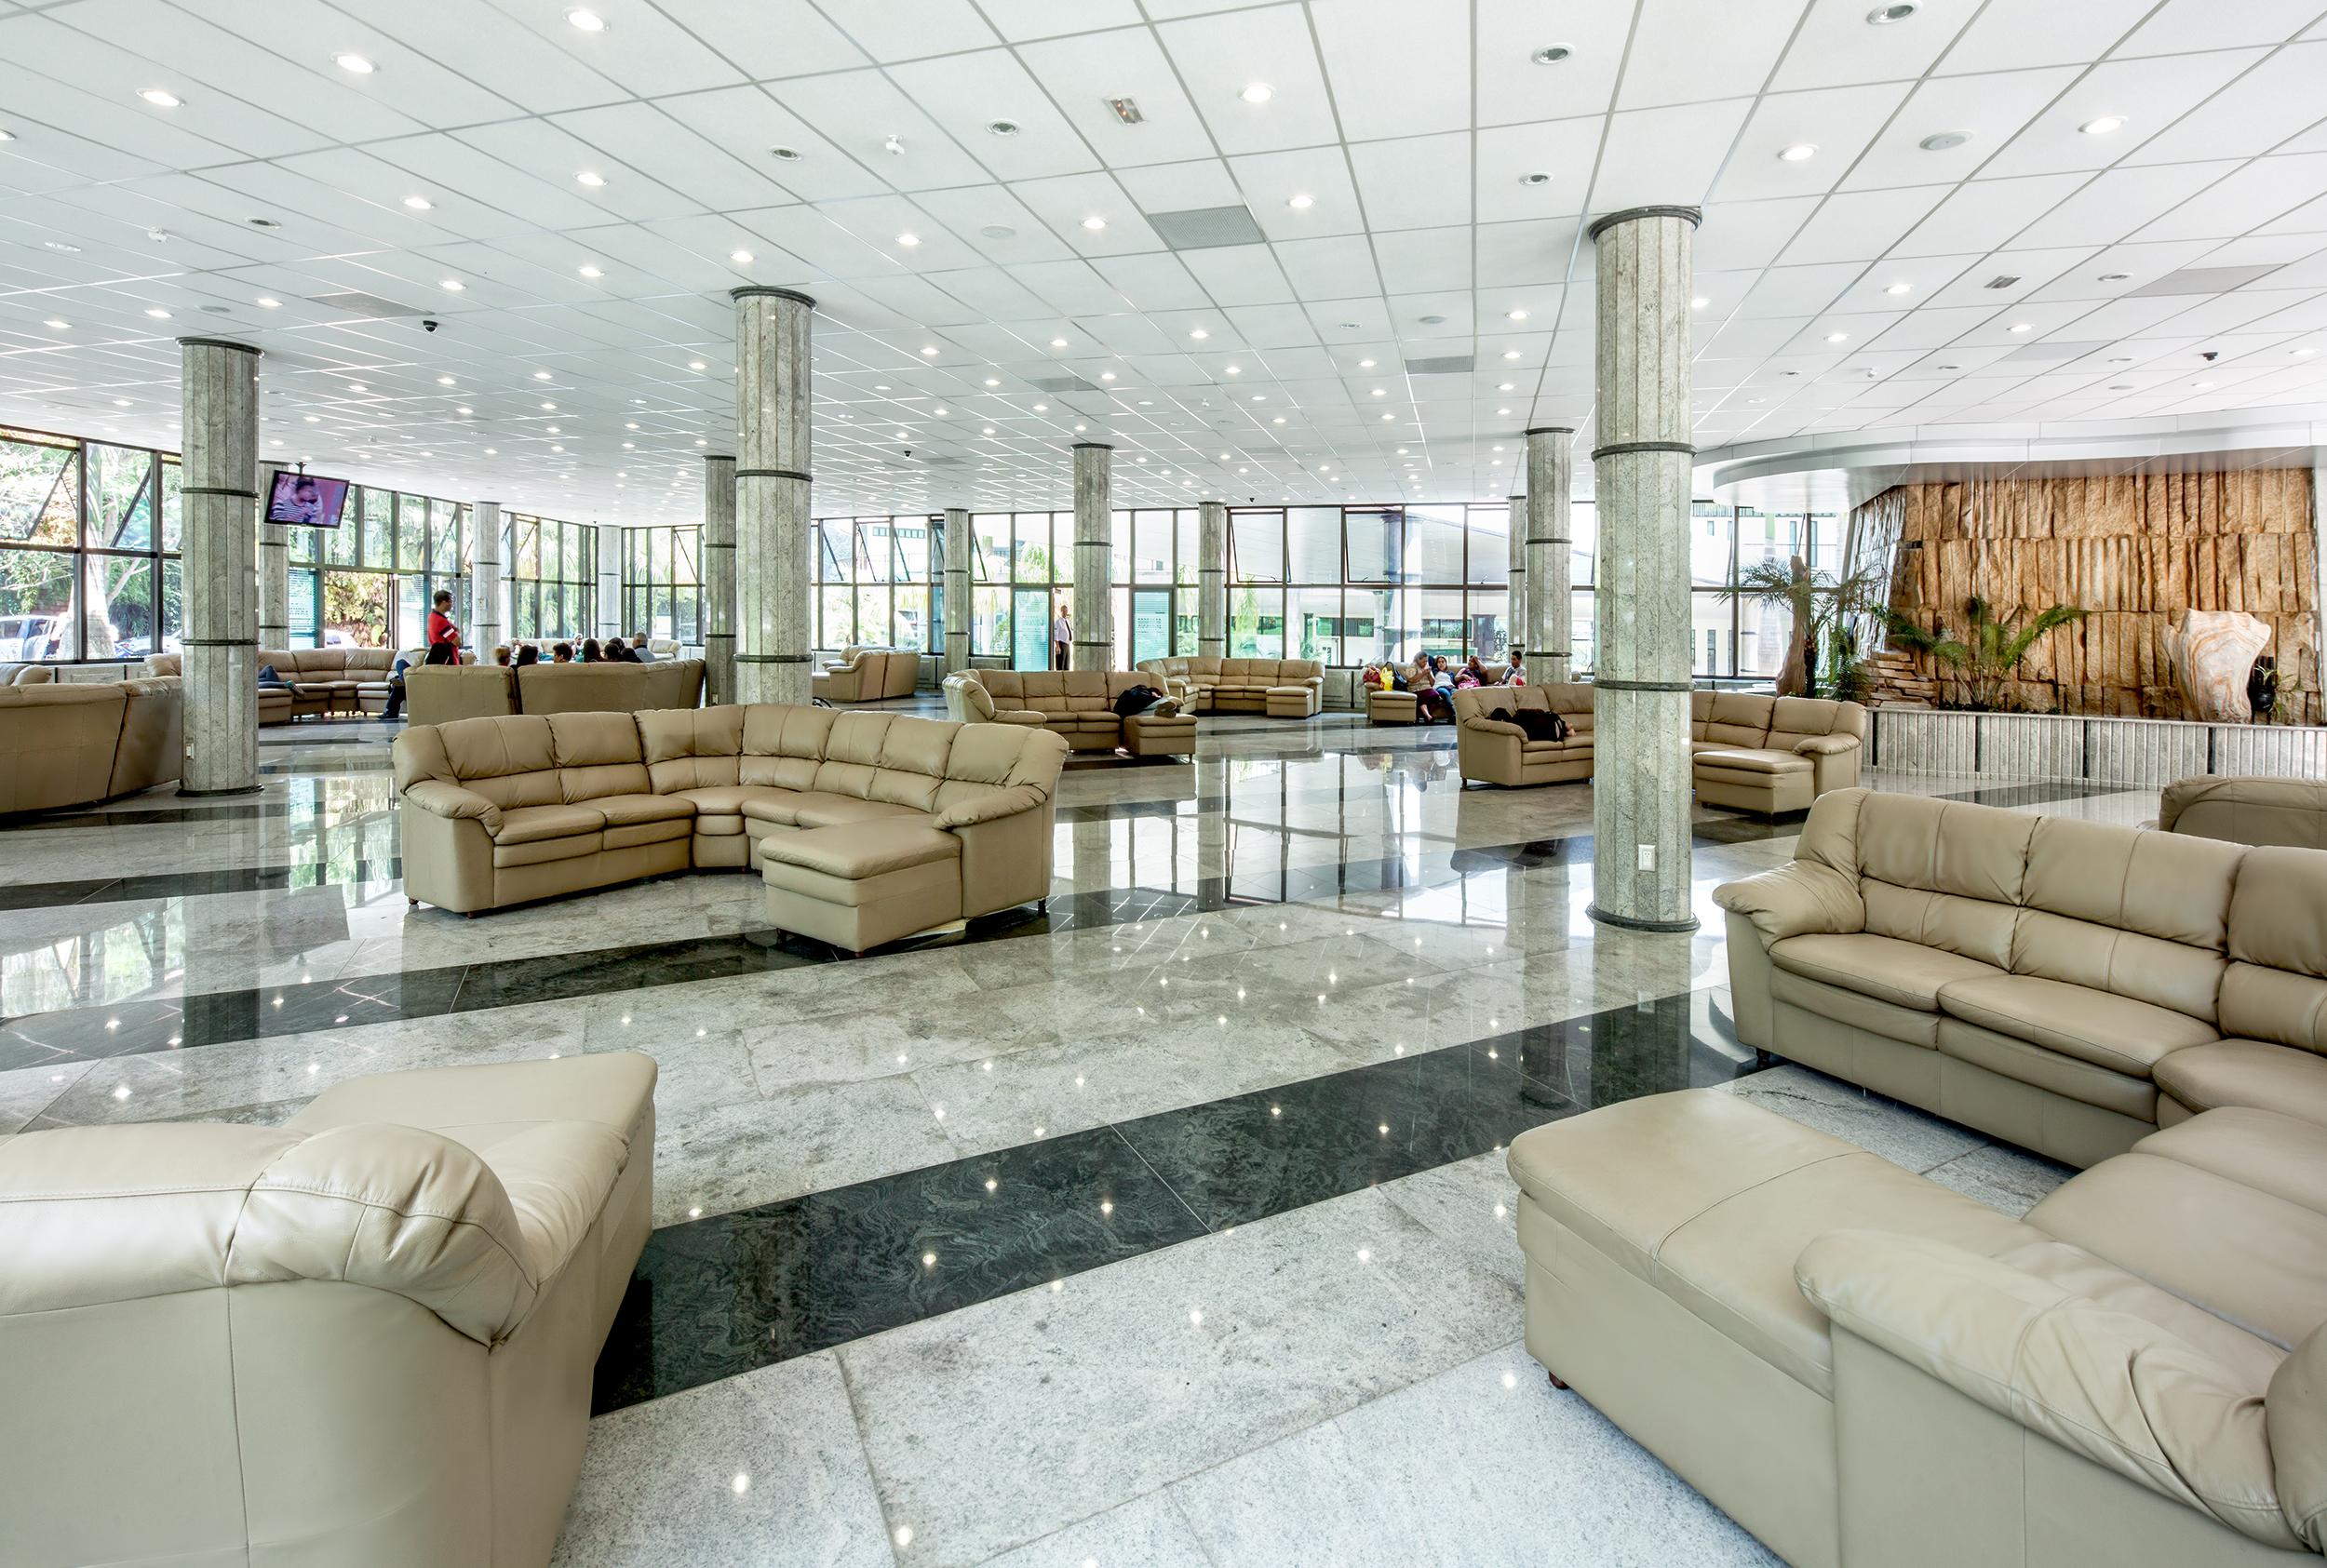 fotografia-de-arquitetura-interiores-07.jpg